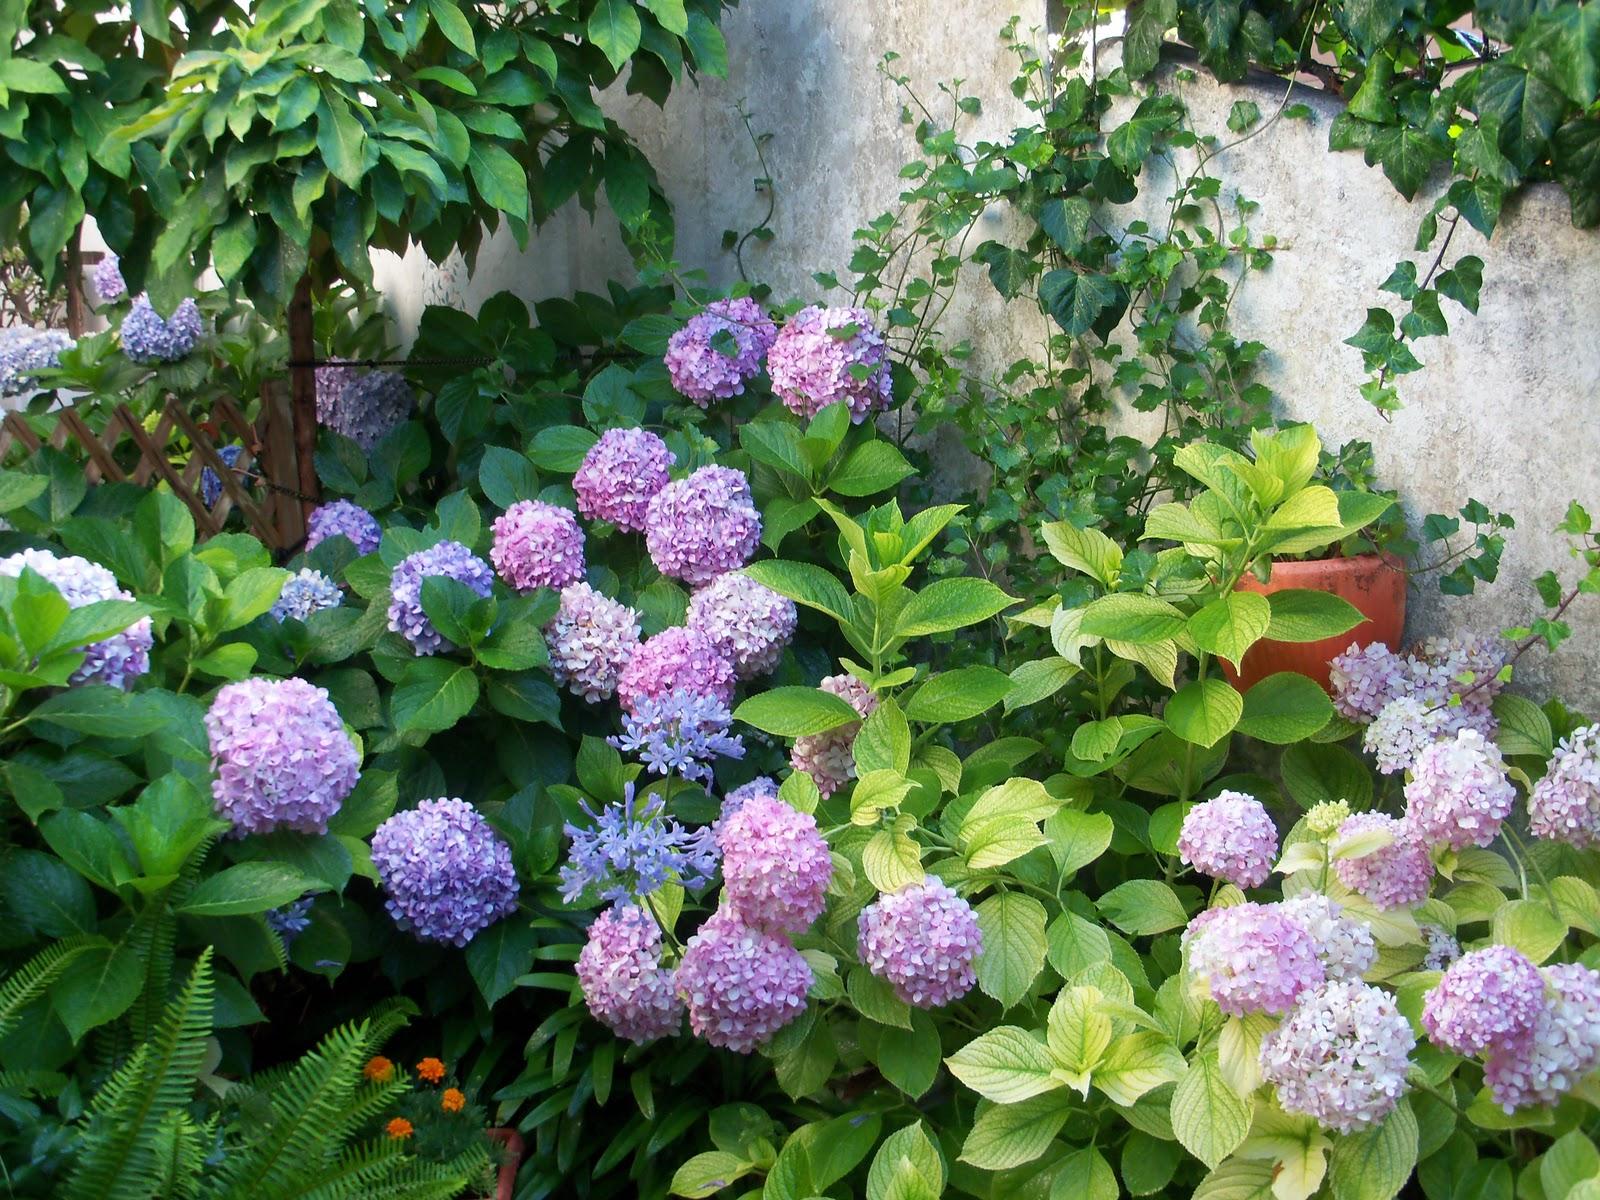 Fantasia tunni il mio giardino fiorito for Alberelli da giardino fioriti